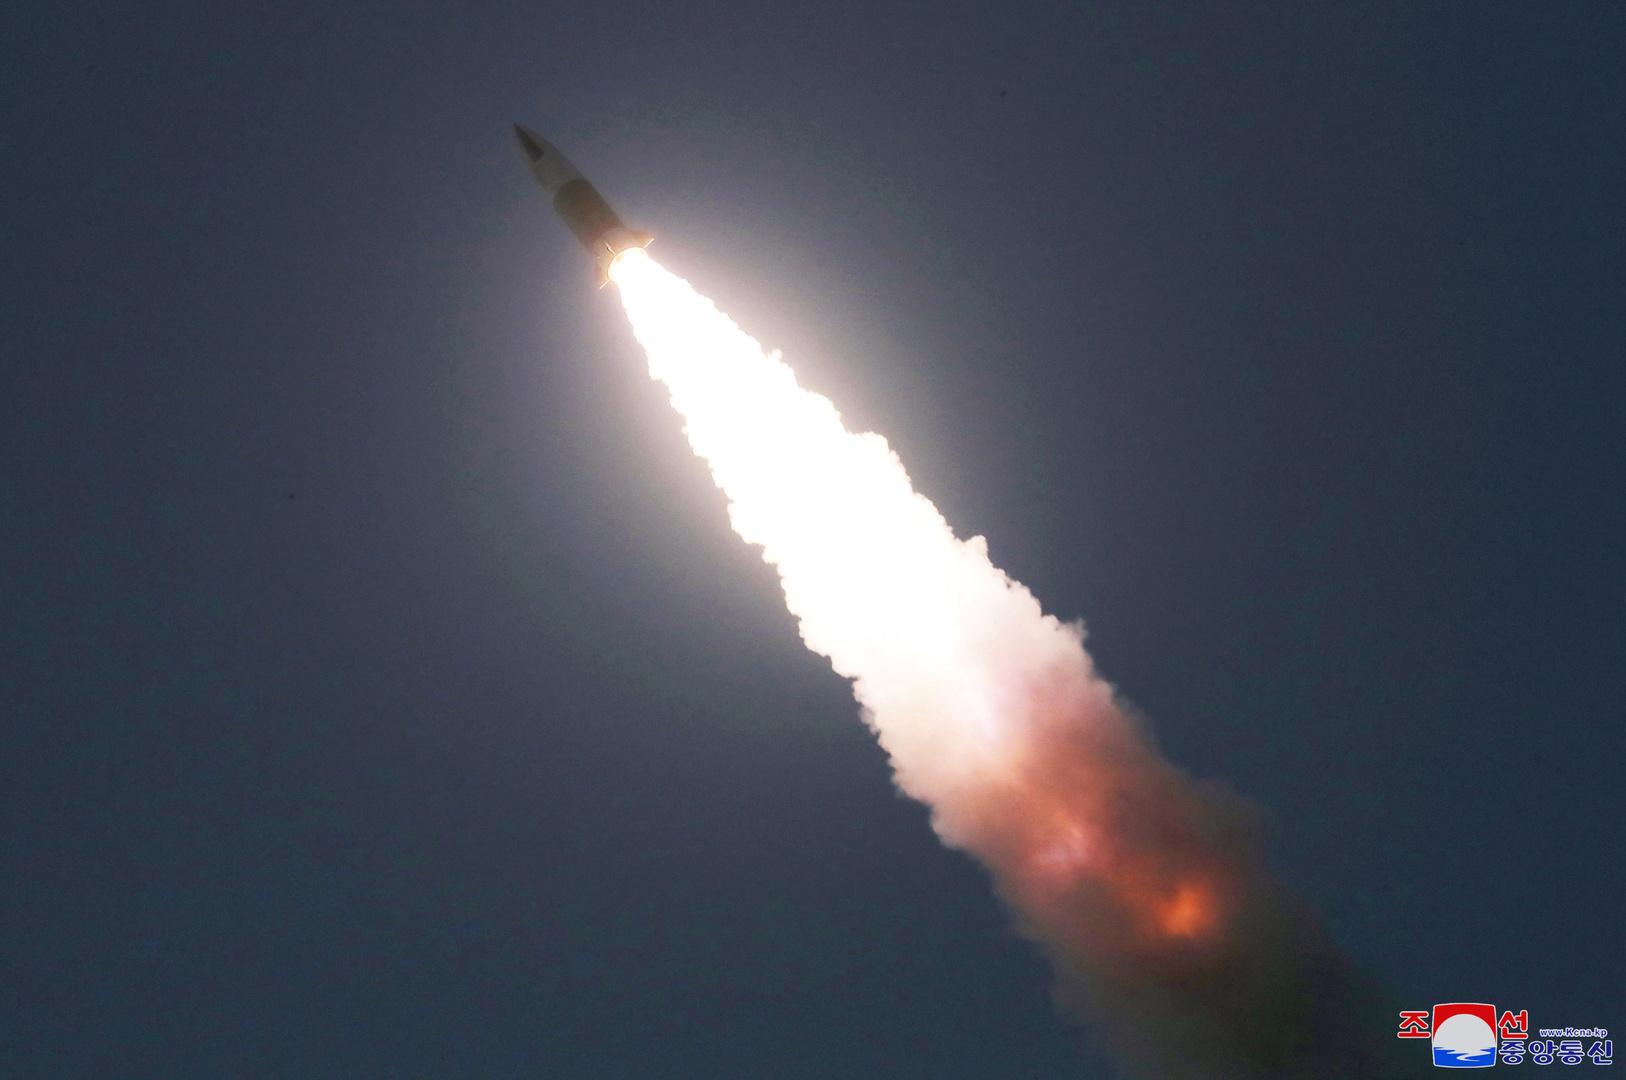 سيئول: يجب توفير أدلة إضافية حول الصواريخ الباليستية الكورية الشمالية